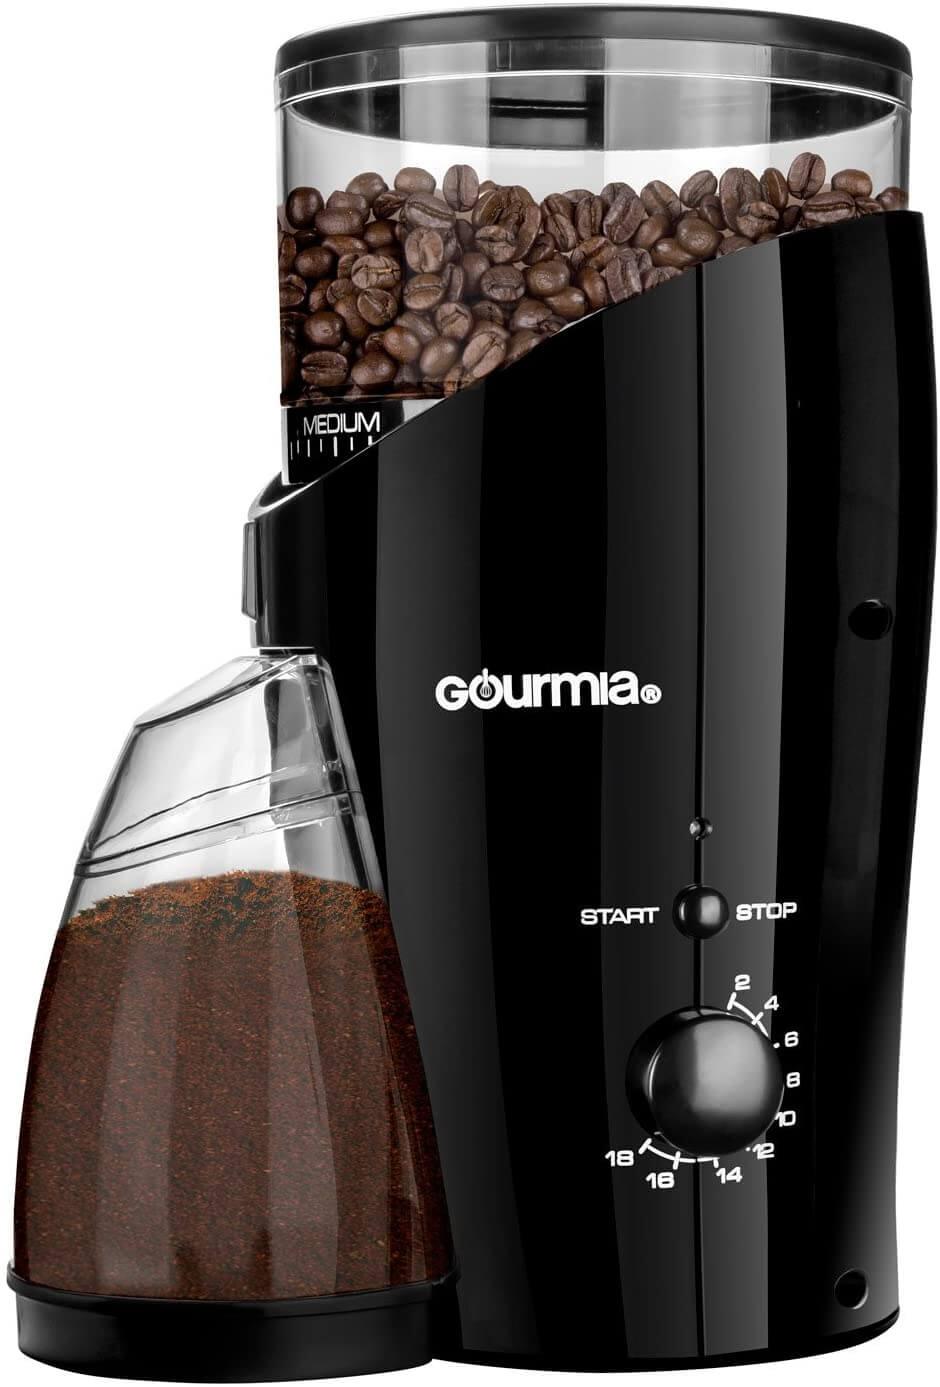 Gourmia GCG185 Electric